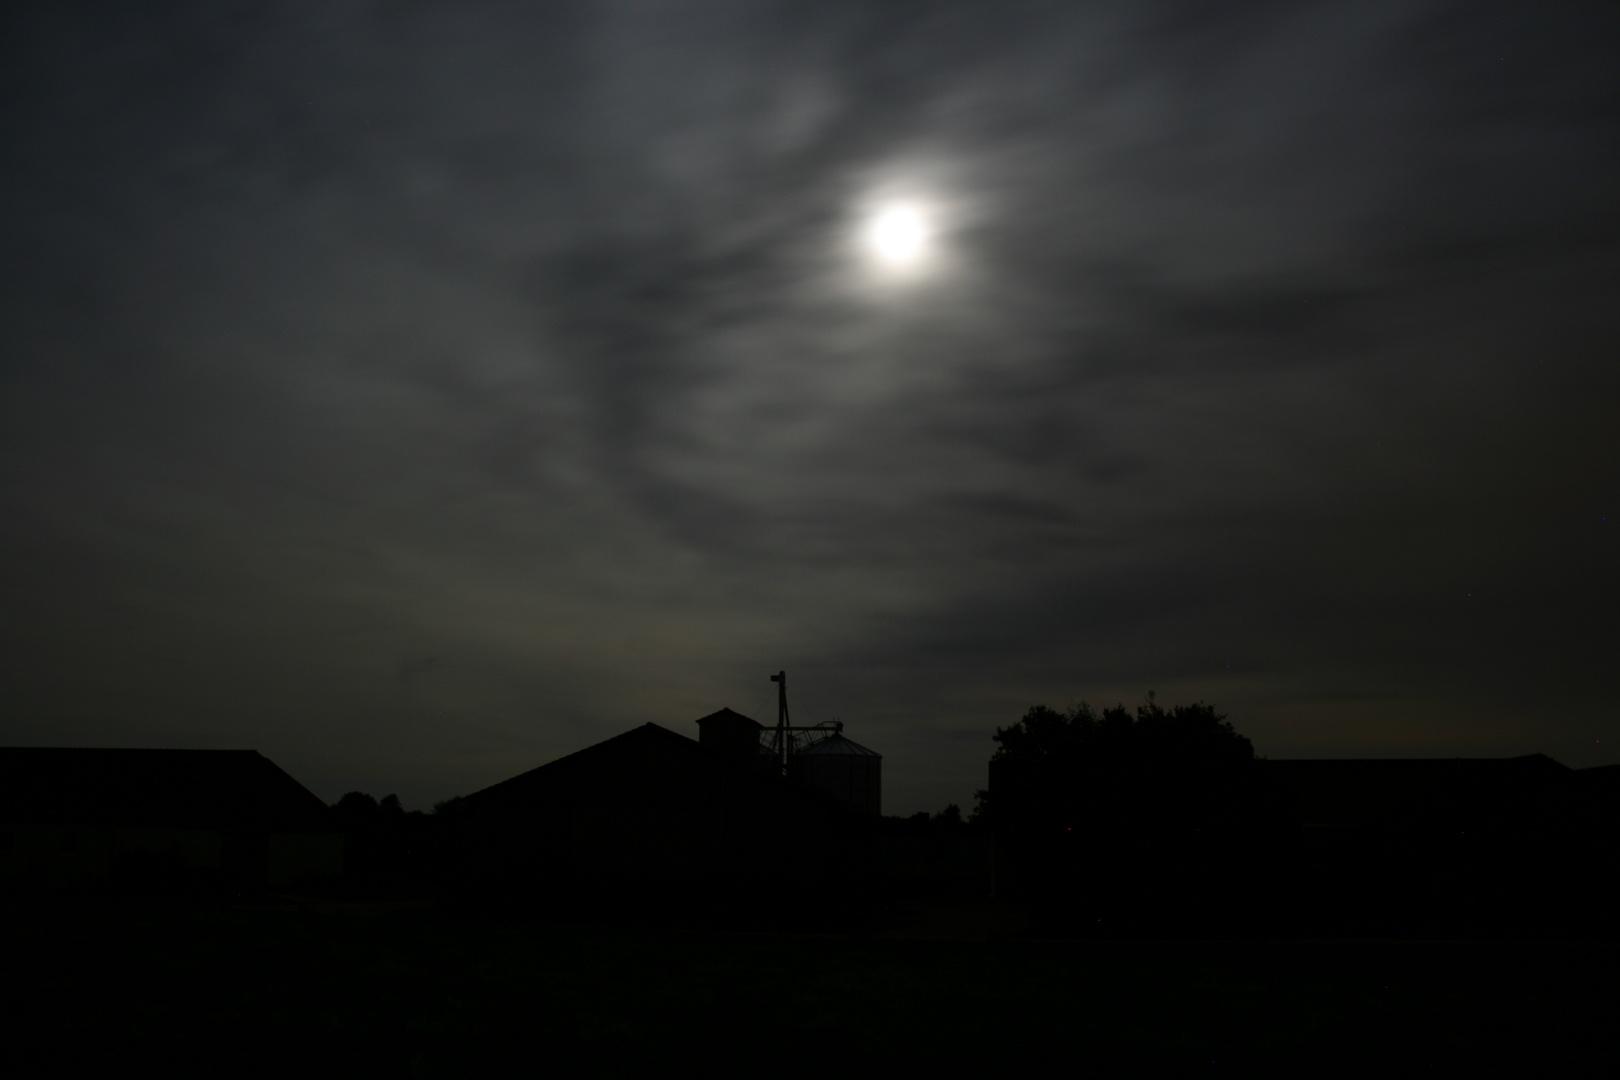 Midnightfarm